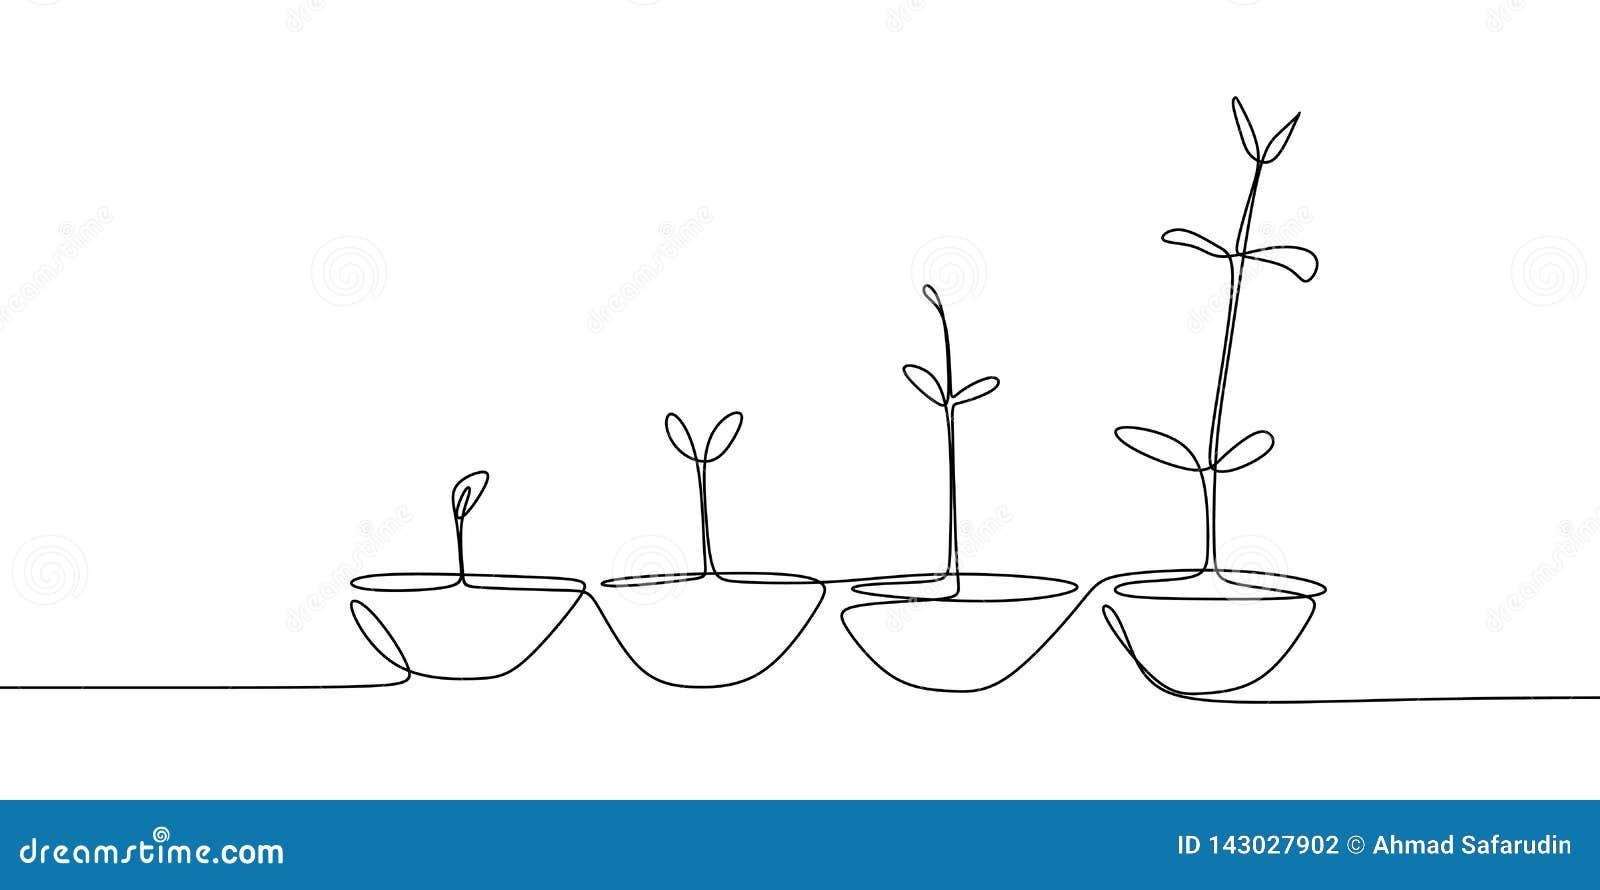 Dessin au trait continu des procédés de croissance de plantes